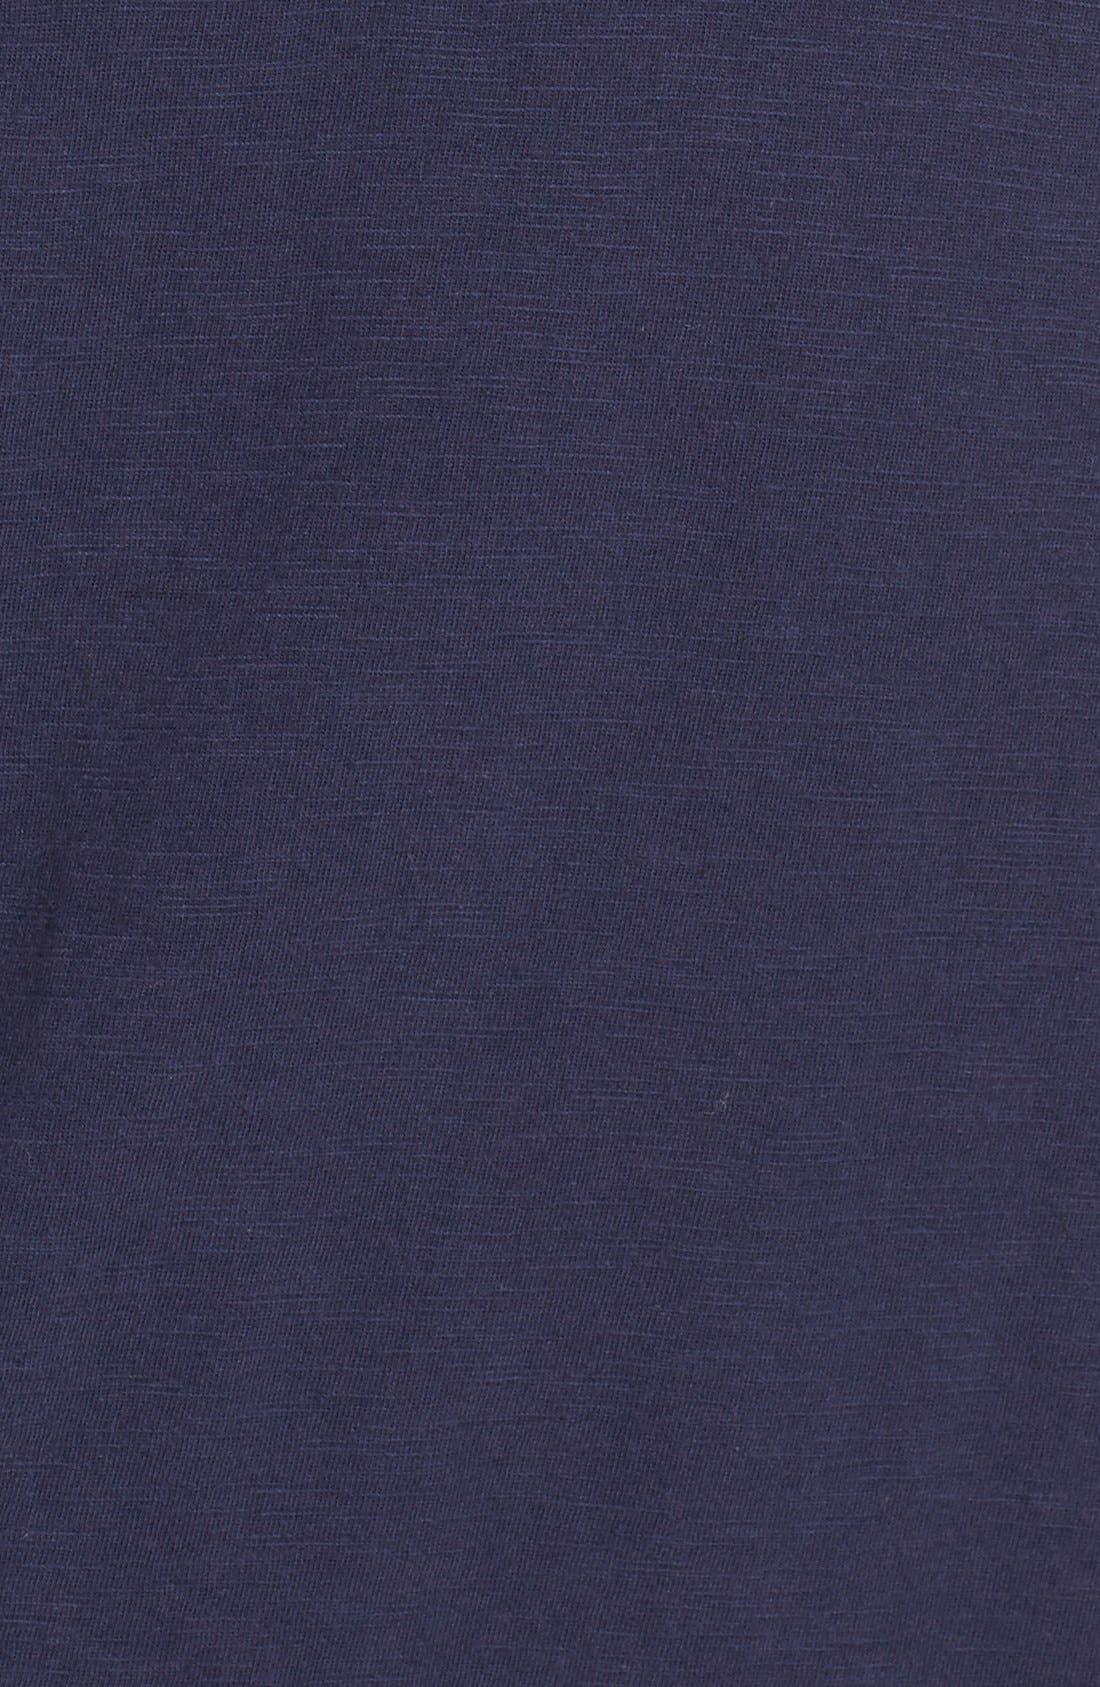 'Essie' Cotton & Modal A-Line Dress,                             Alternate thumbnail 6, color,                             408